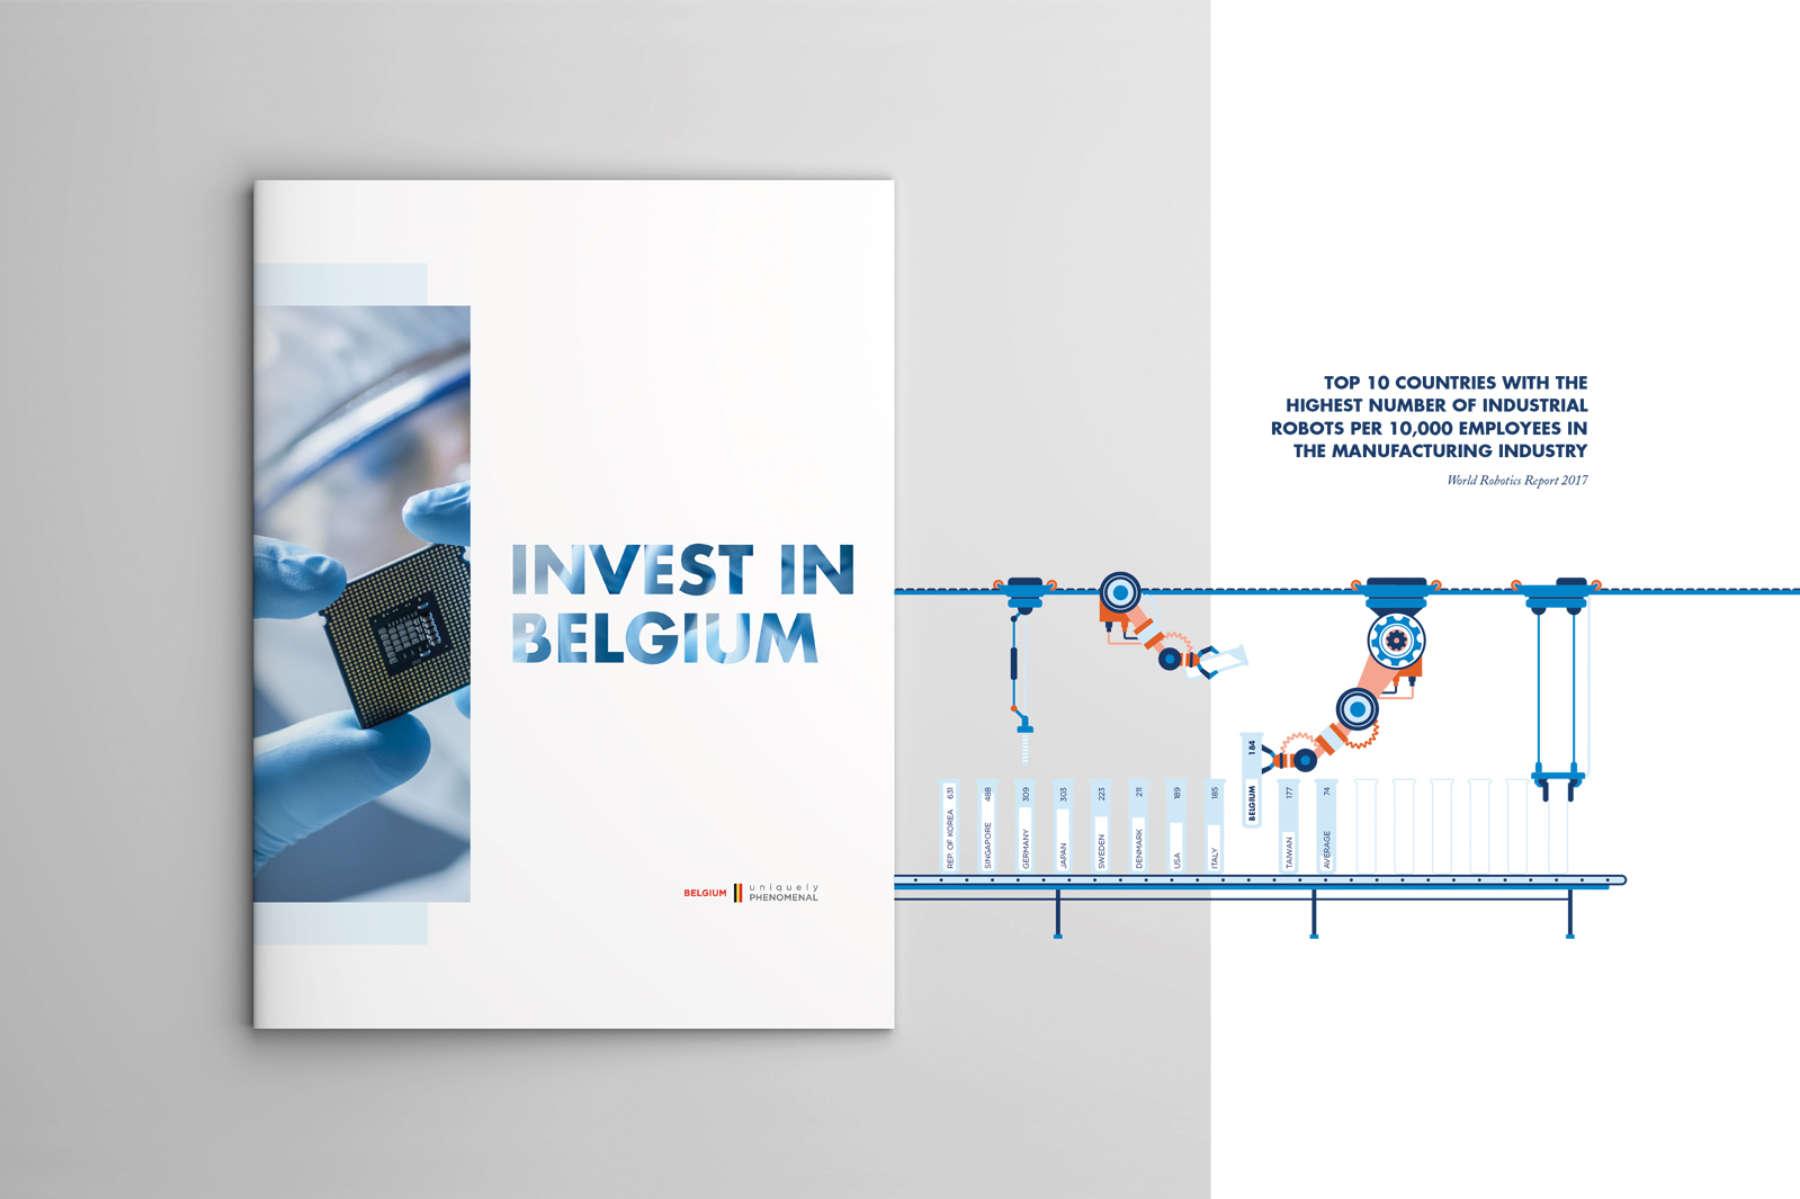 Fod Investin Belgium 1